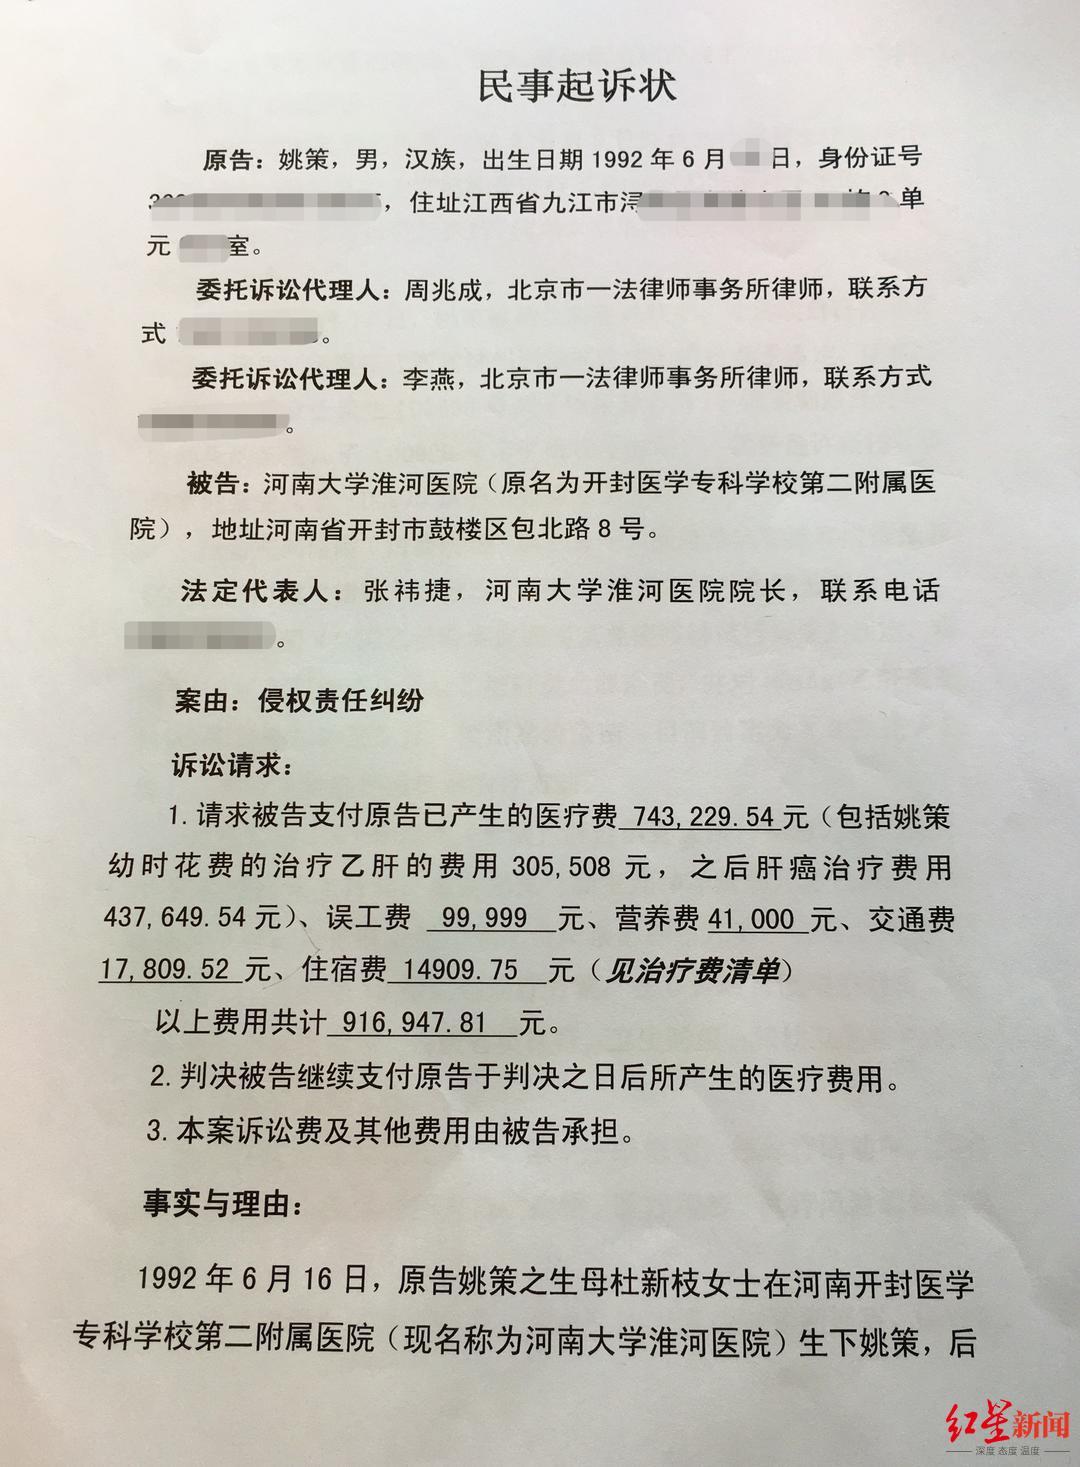 姚策和父母起诉河南大学淮河医院的民事诉状